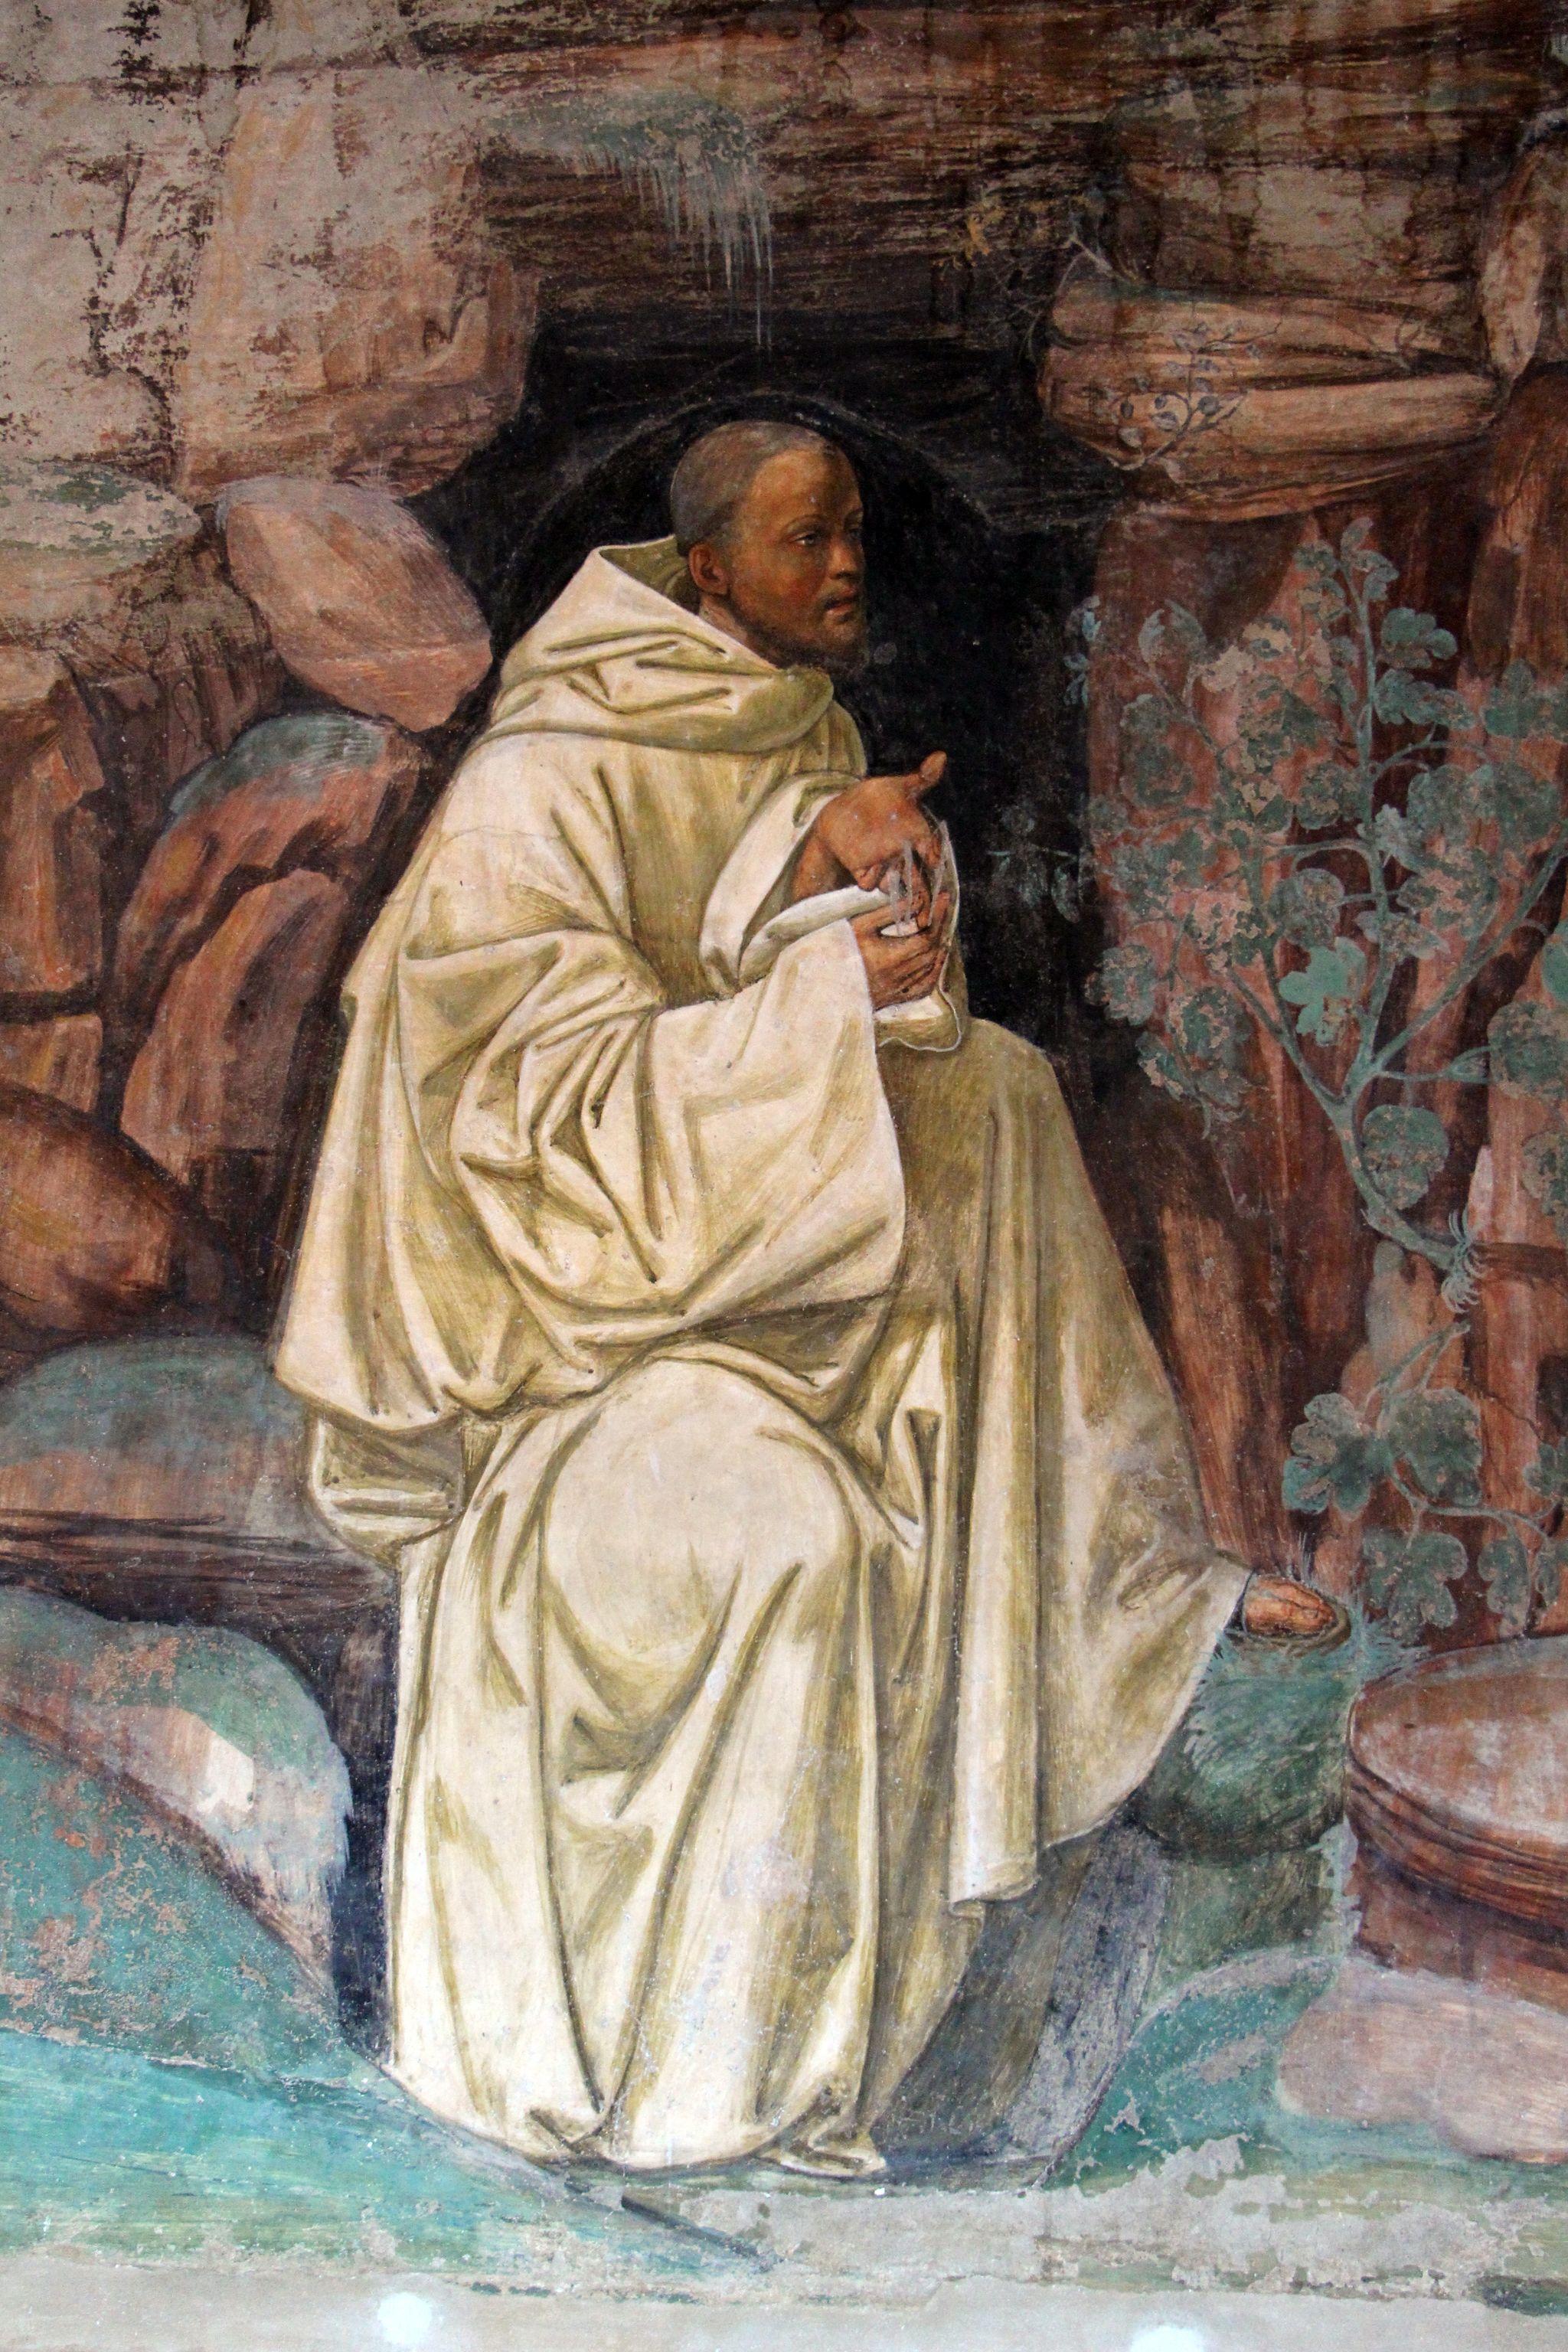 Storie di s. benedetto, 07 sodoma - Come Benedetto ammaestra nella santa dottrina i contadini che lo visitavano 02